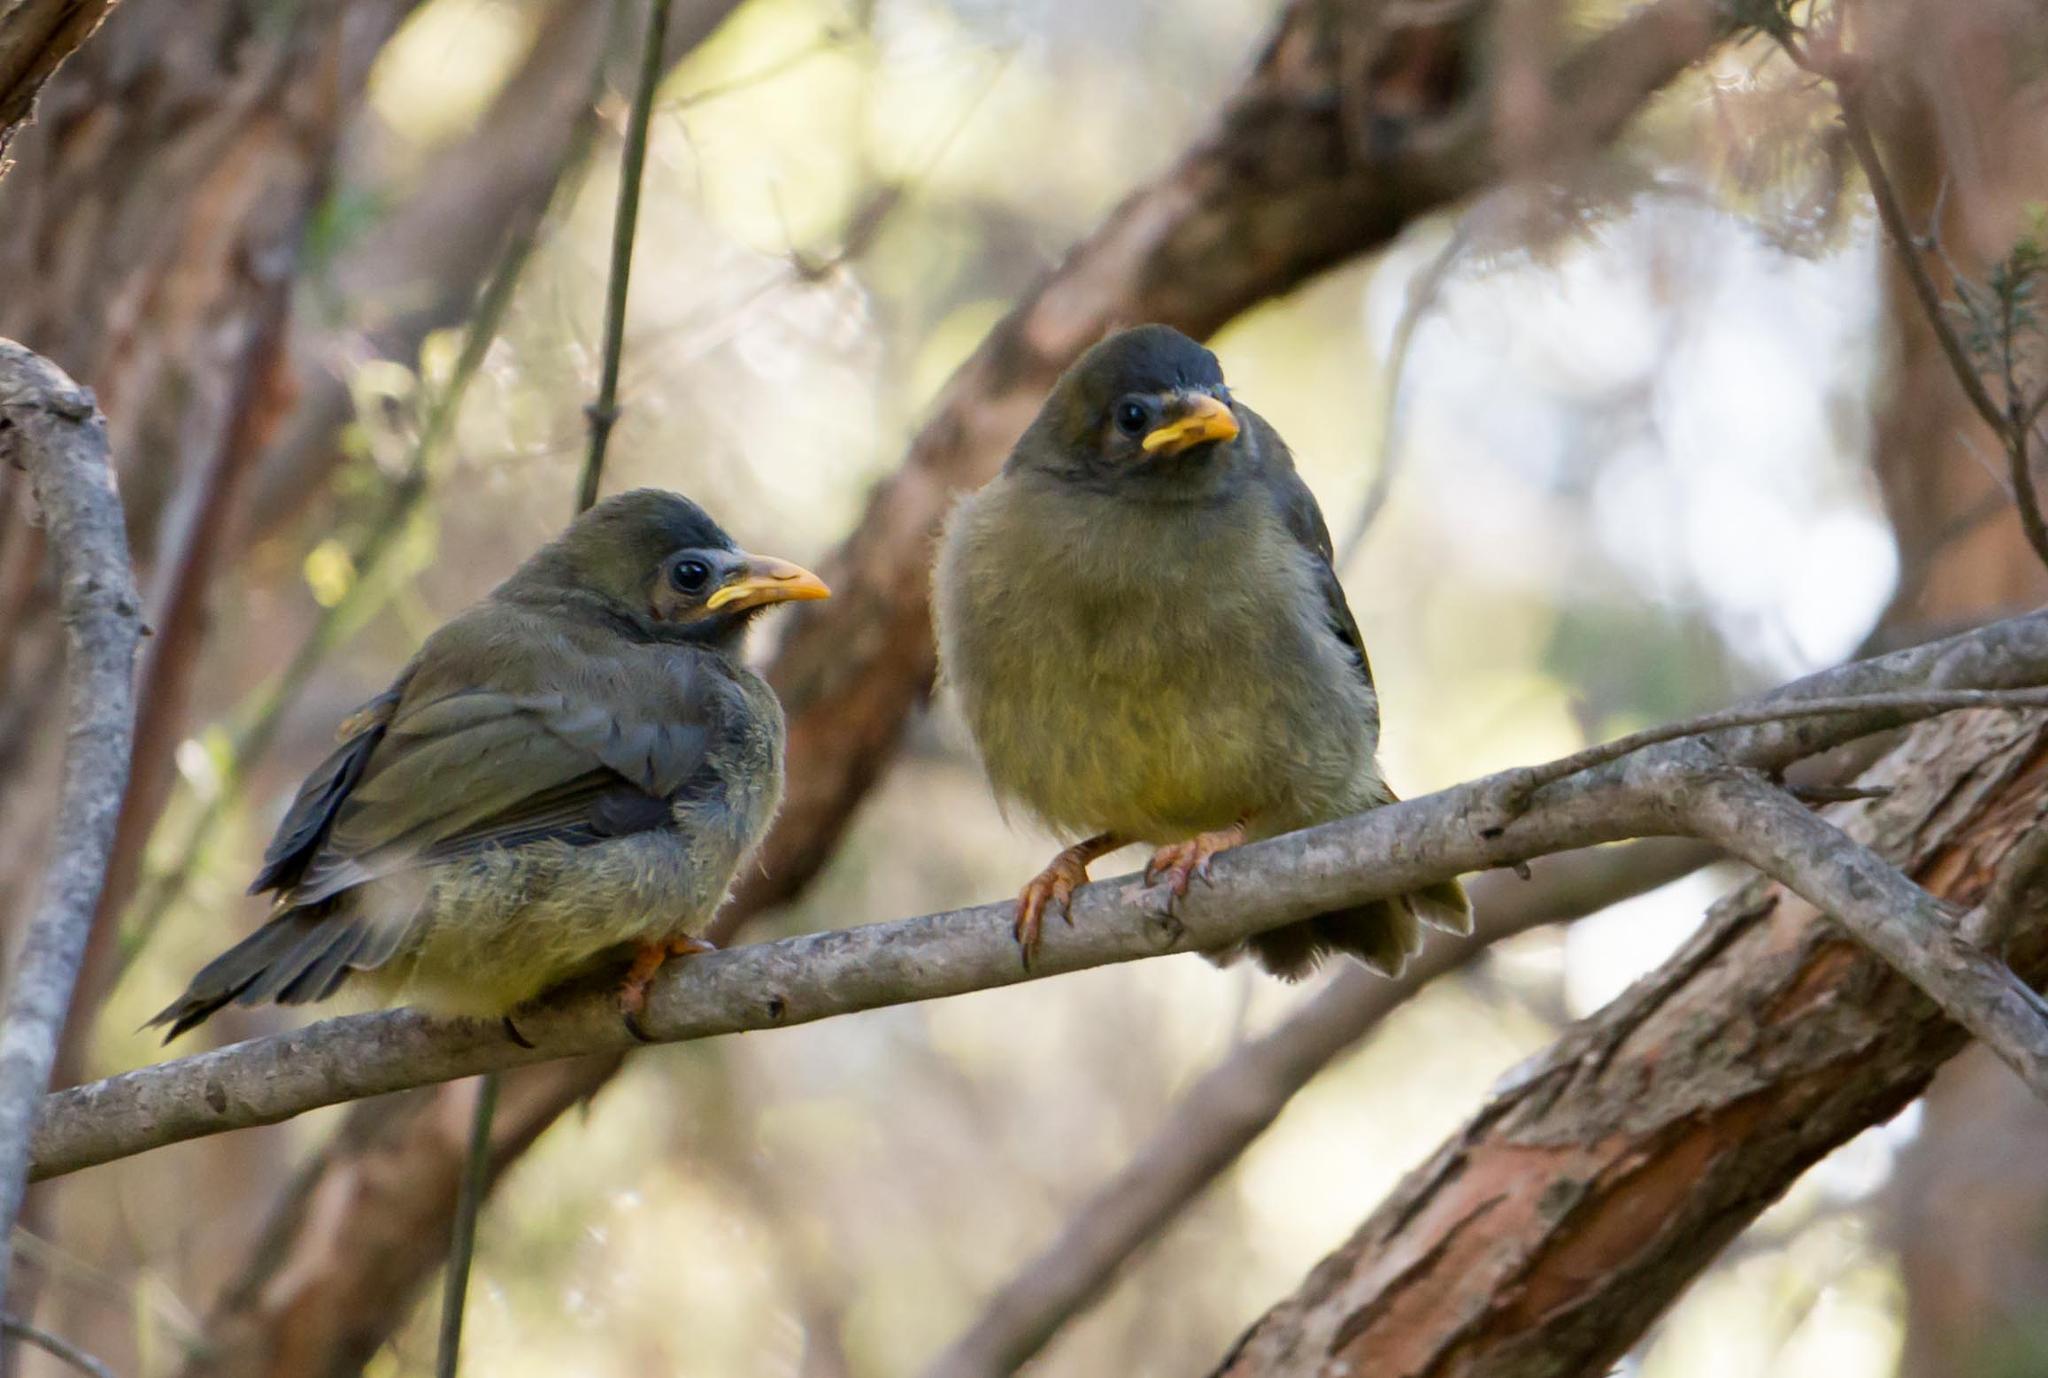 Bell miner bird chicks by tastigr